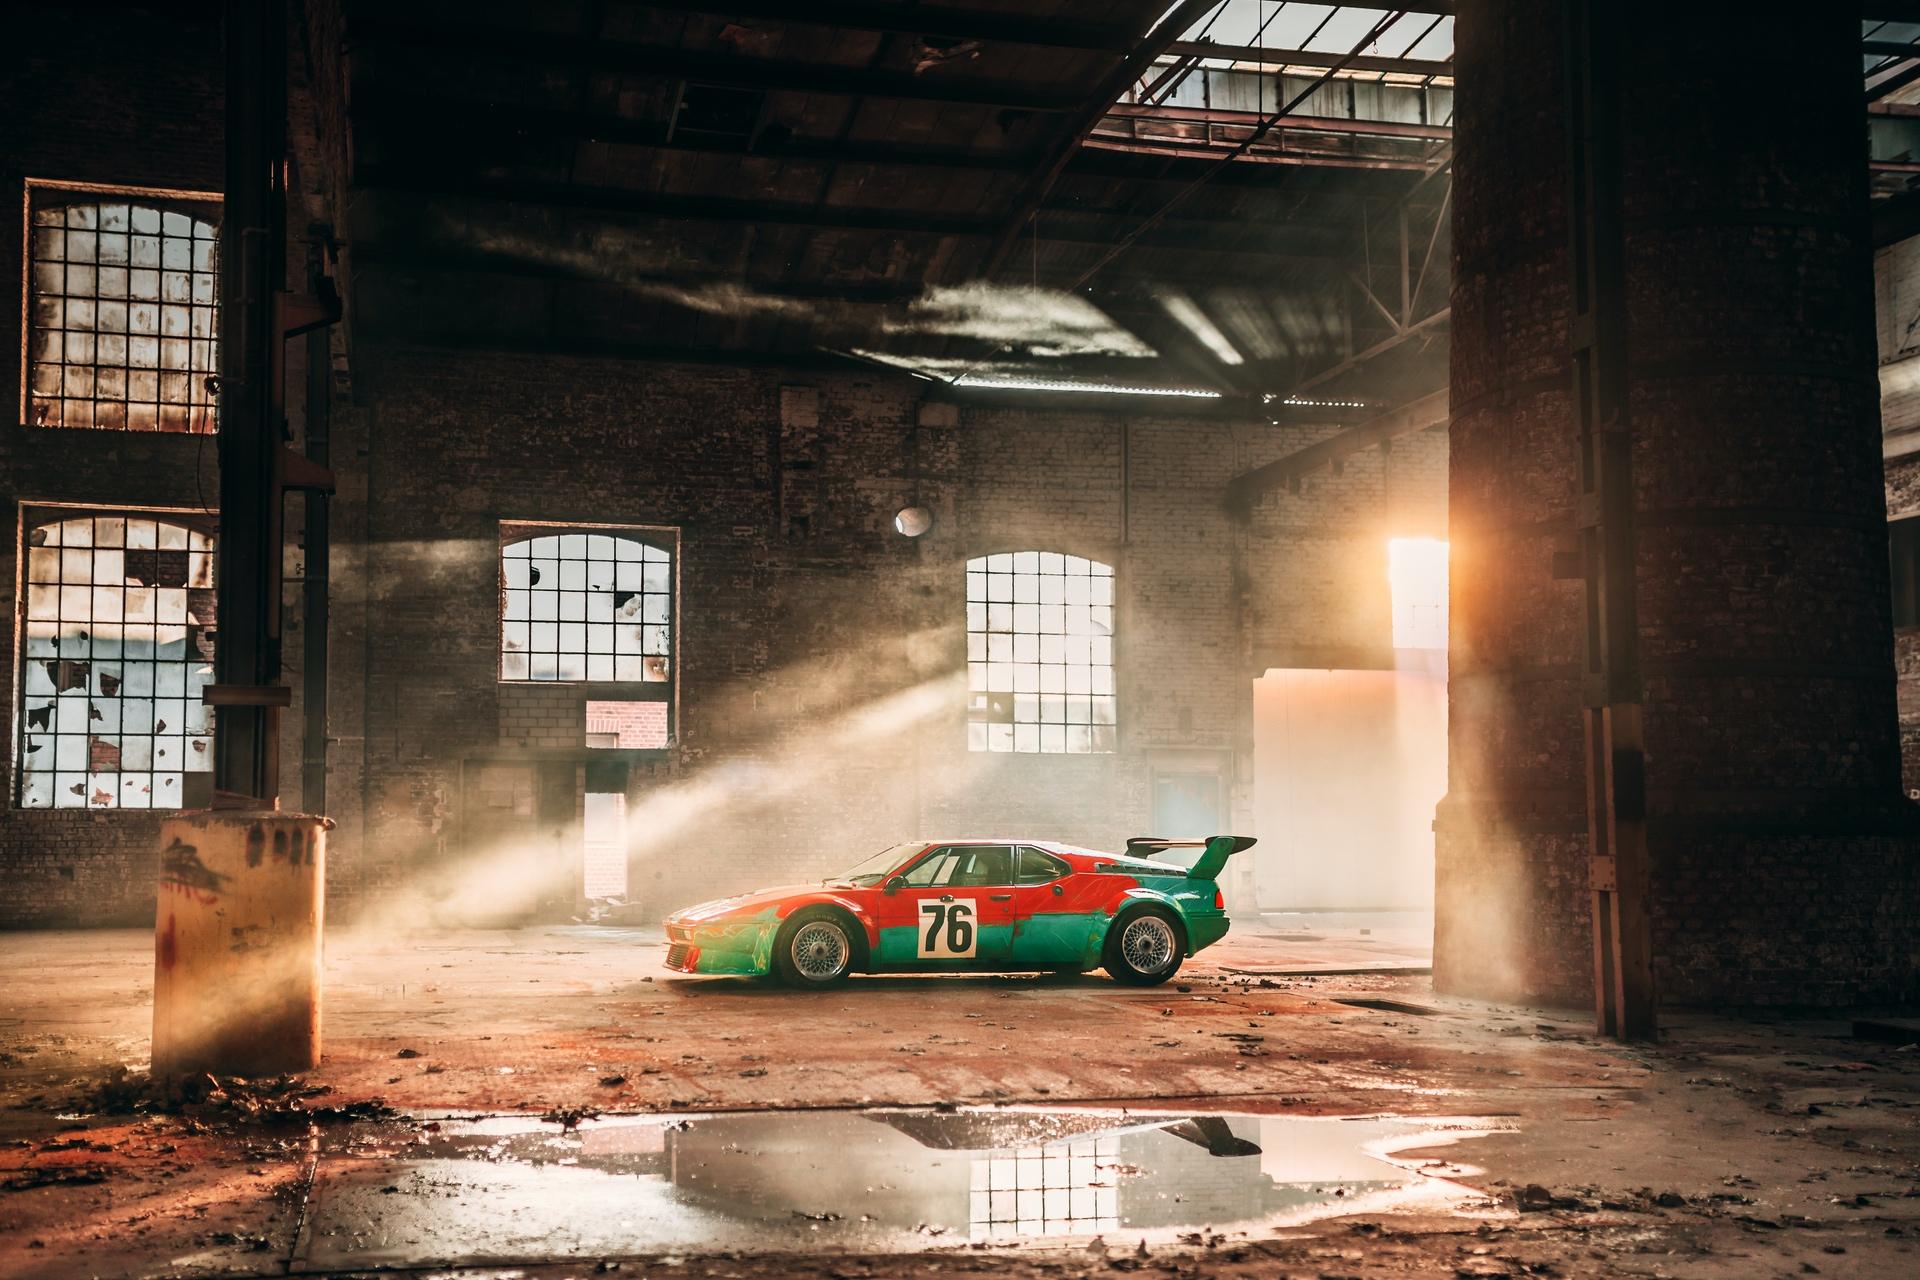 BMW_M1_Art_Car_by_Andy_Warhol_0000